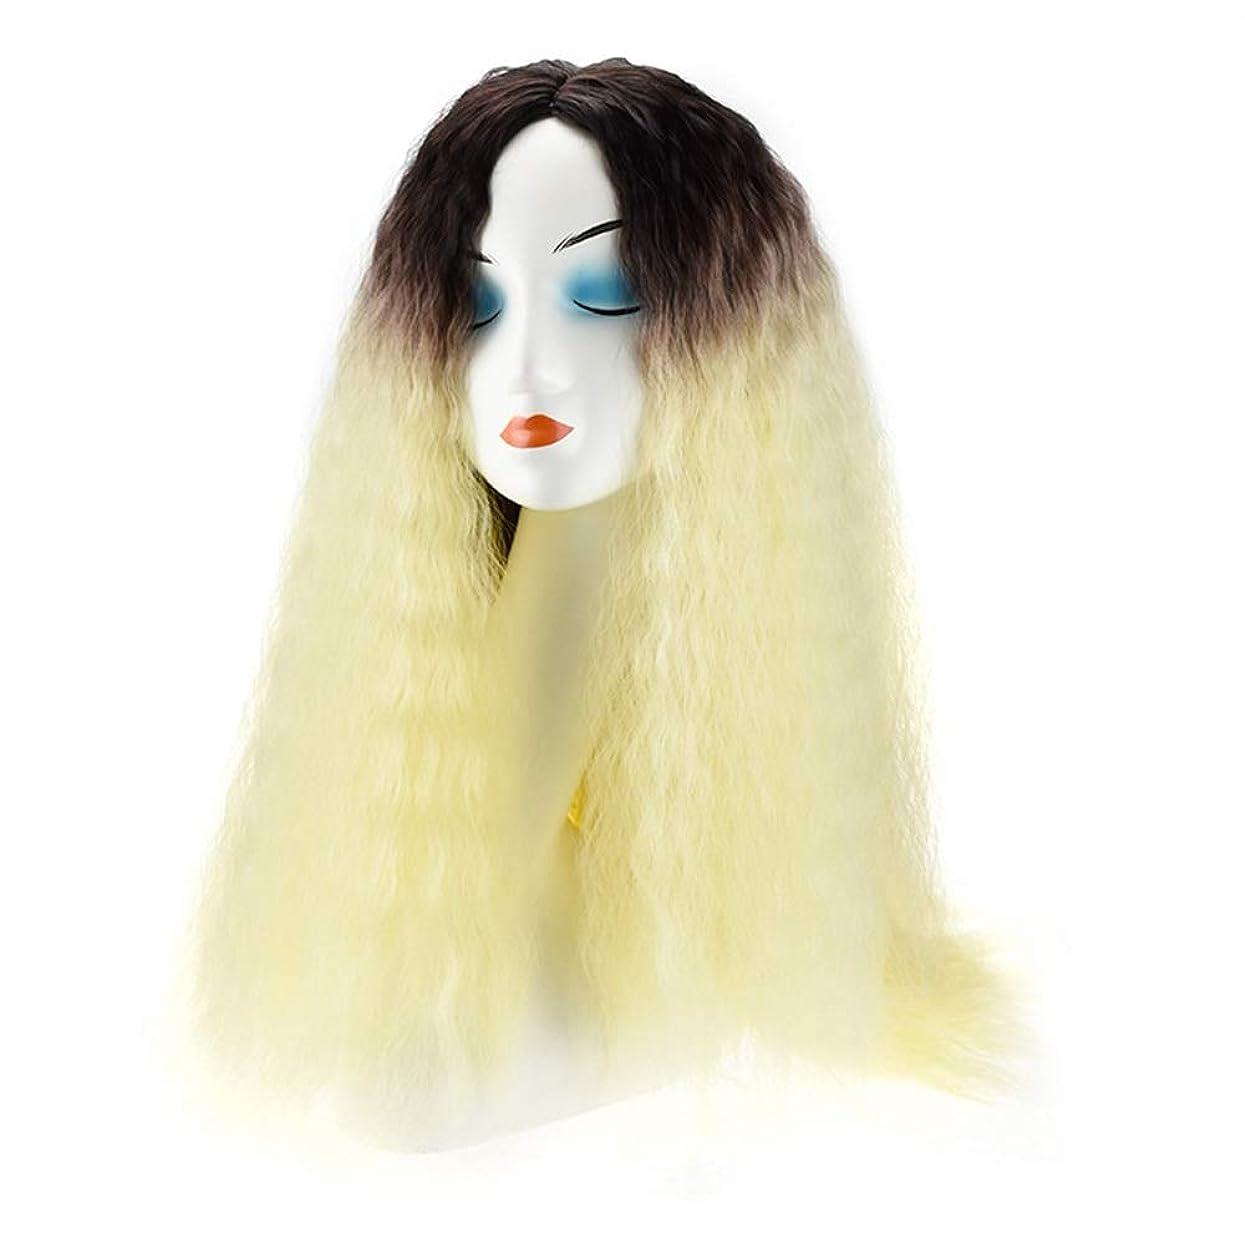 炎上誘惑する長々とYESONEEP 20インチブロンド変態ストレートコーンホットウィッグファッションビッグウェーブロングヘア人工毛用女性毎日のドレスパーティーかつら (色 : Blonde)